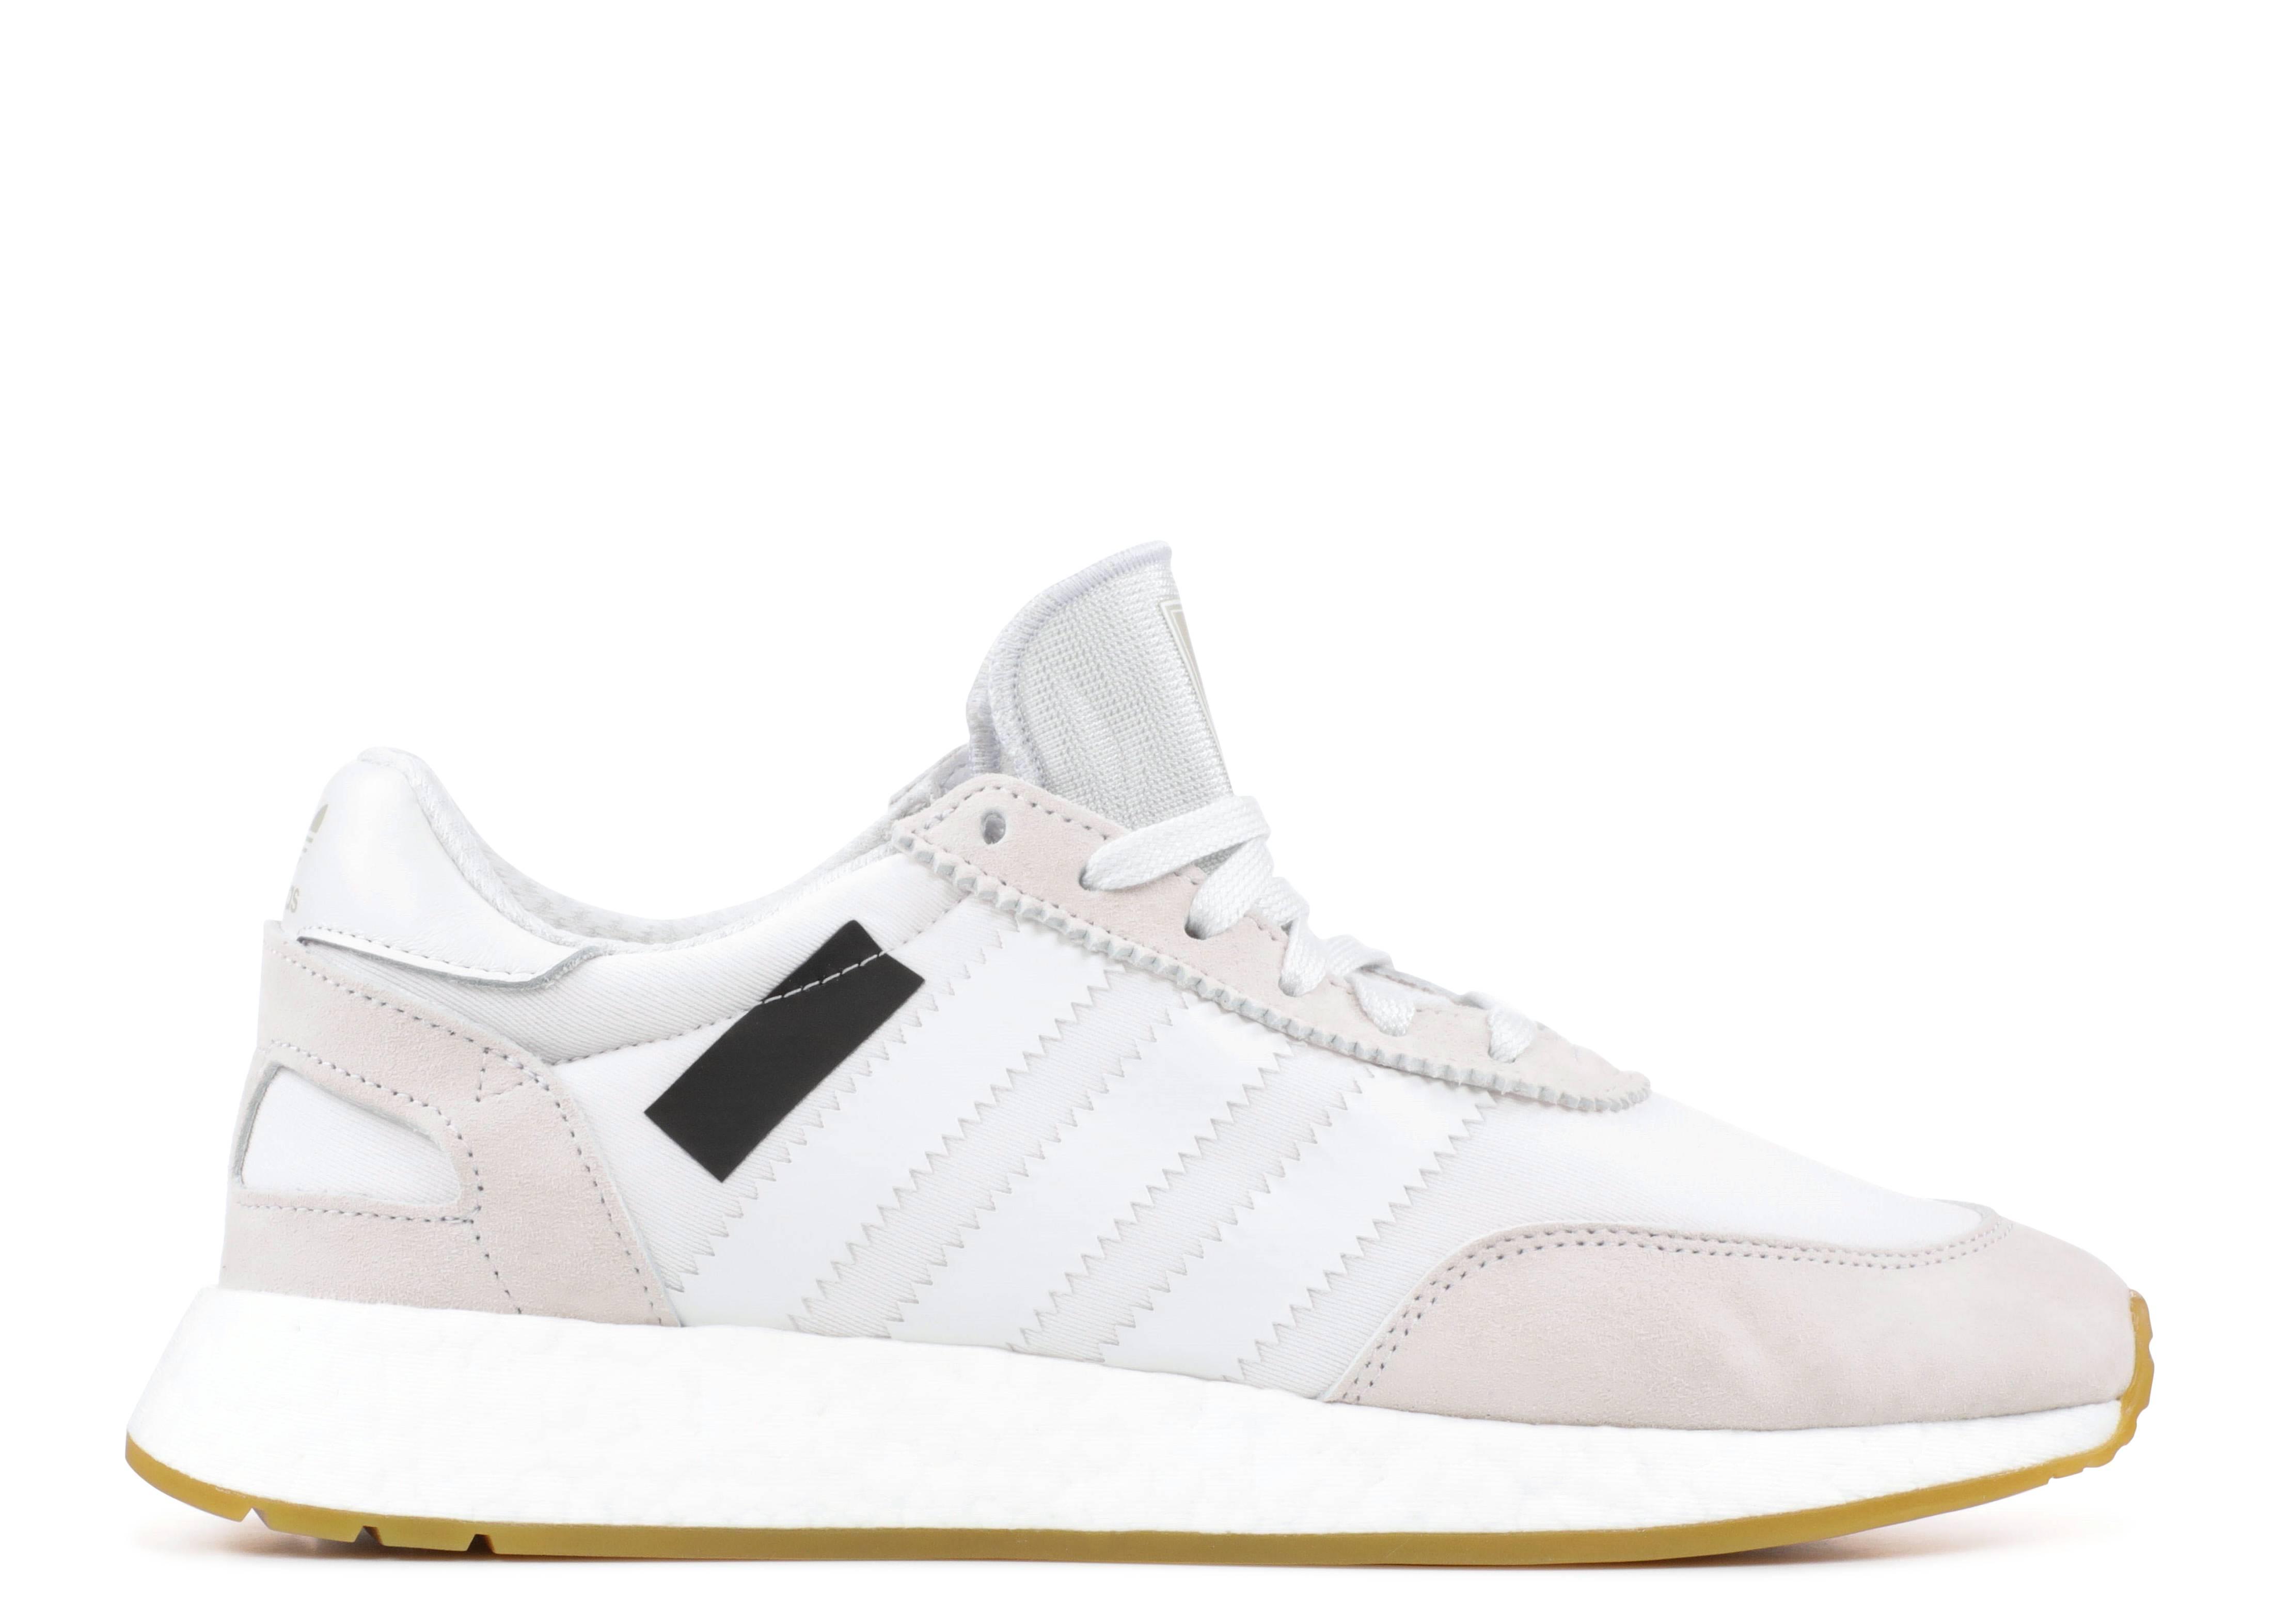 adidas i 5923 white